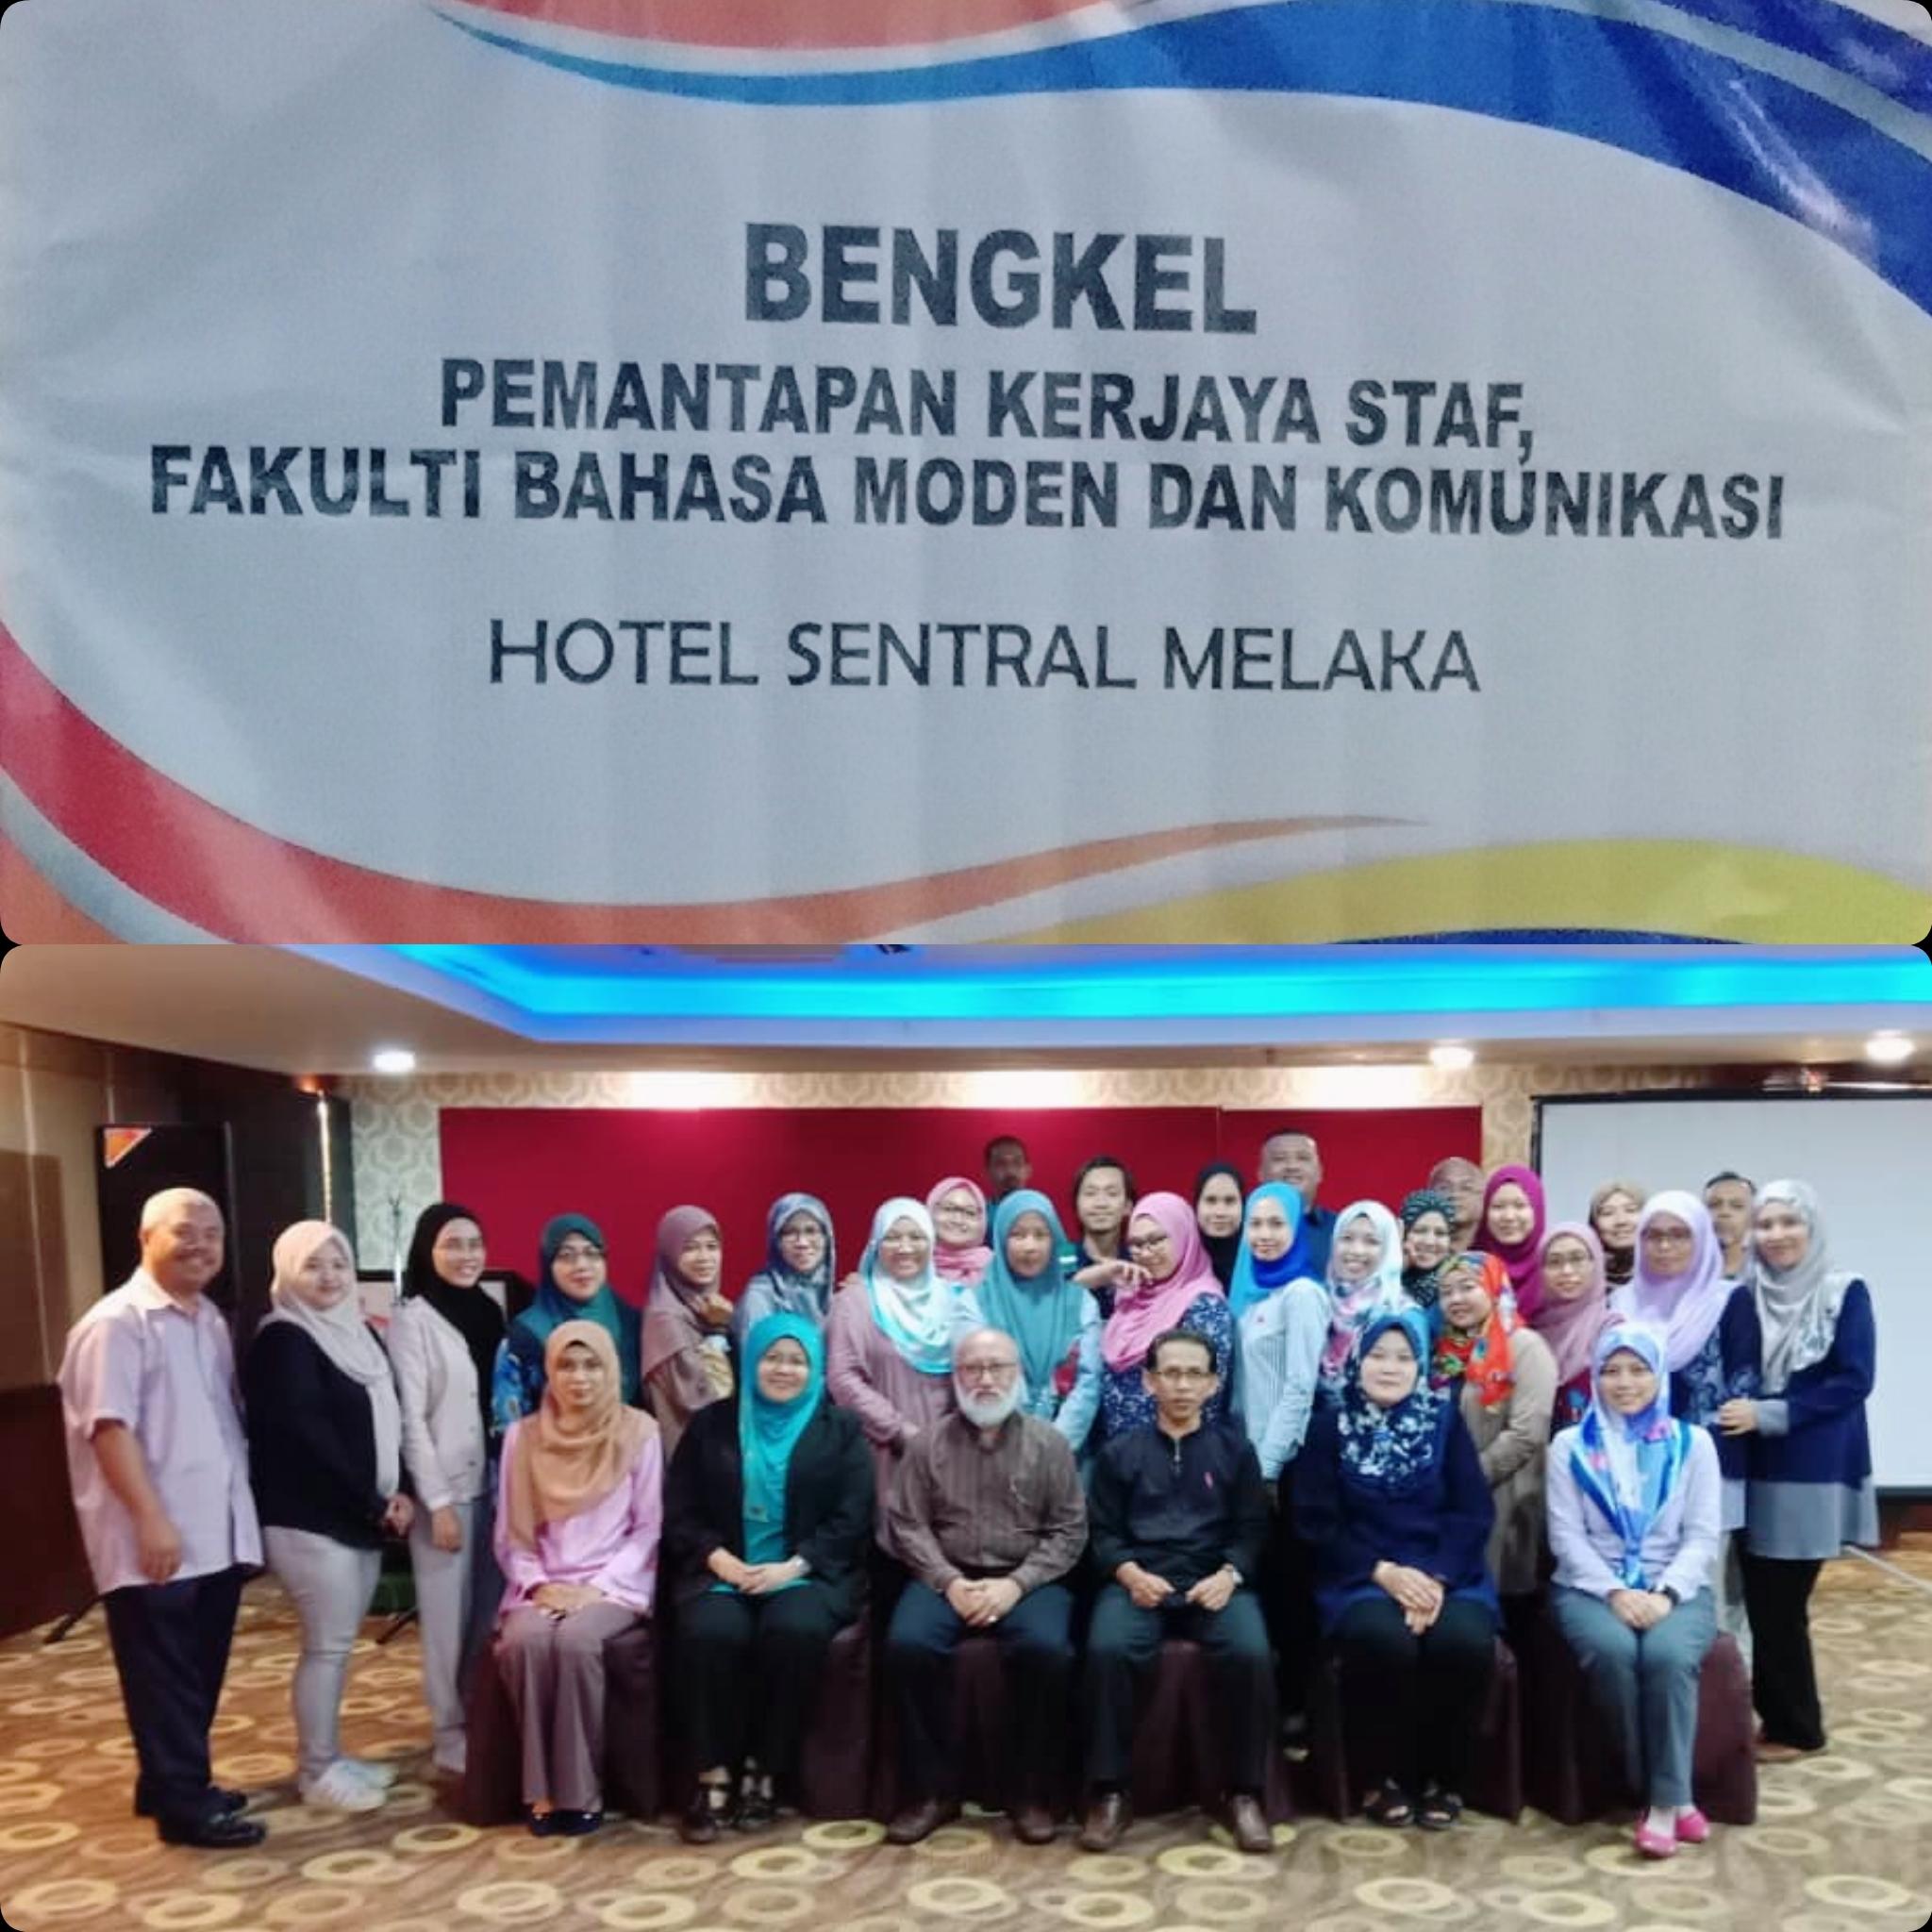 Career Enhancement Workshop For FBMK Staff 2019 (Management